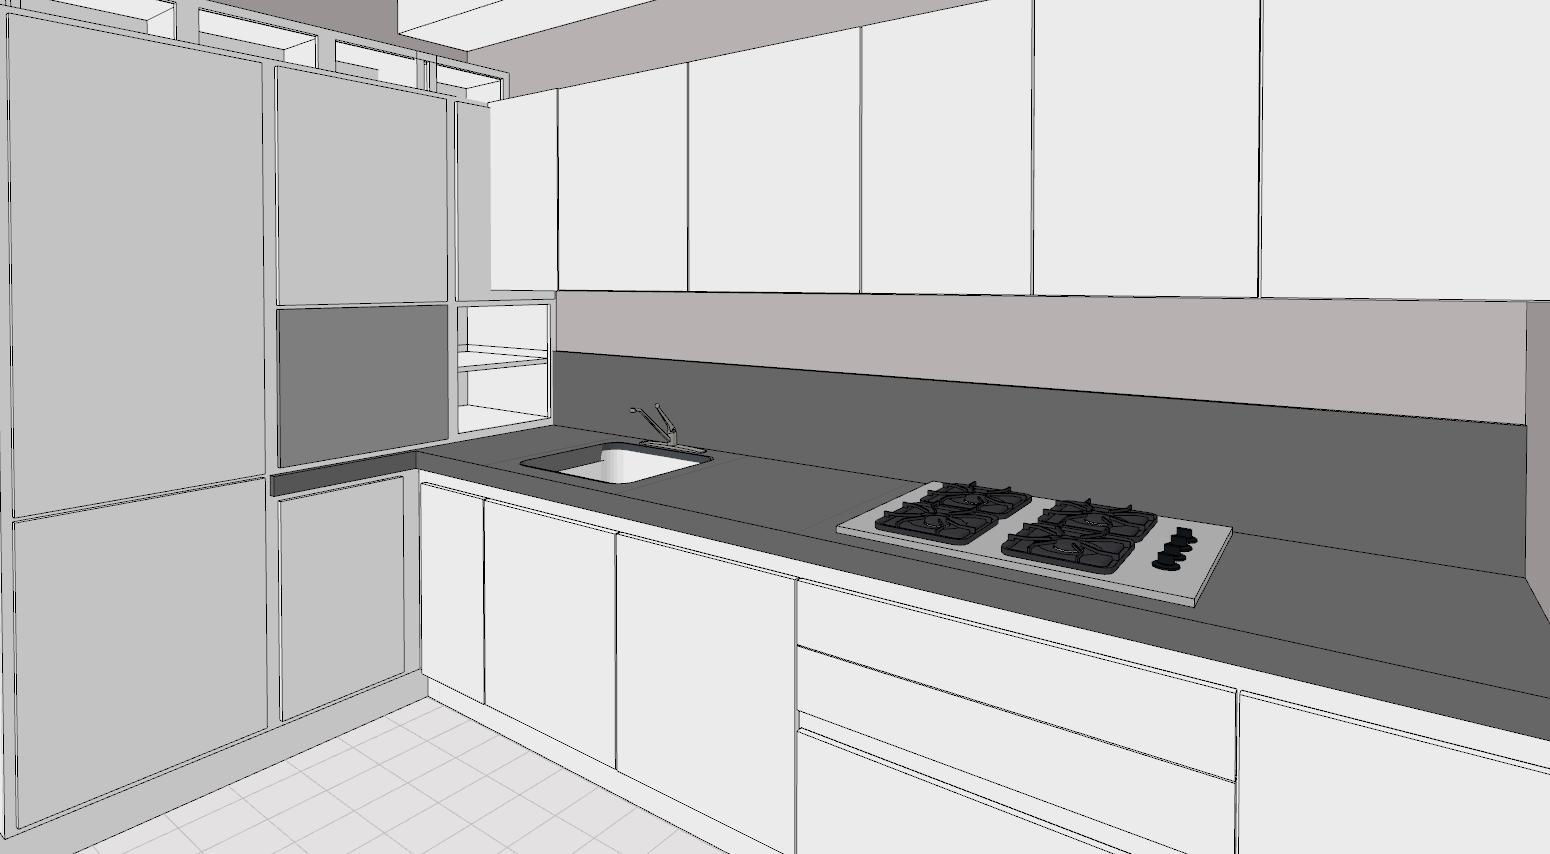 Disposizioni di cucina su due lati adiacenti. Come Arredare Il Cucinino Lineatre Kucita Gli Esperti Dell Arredamento